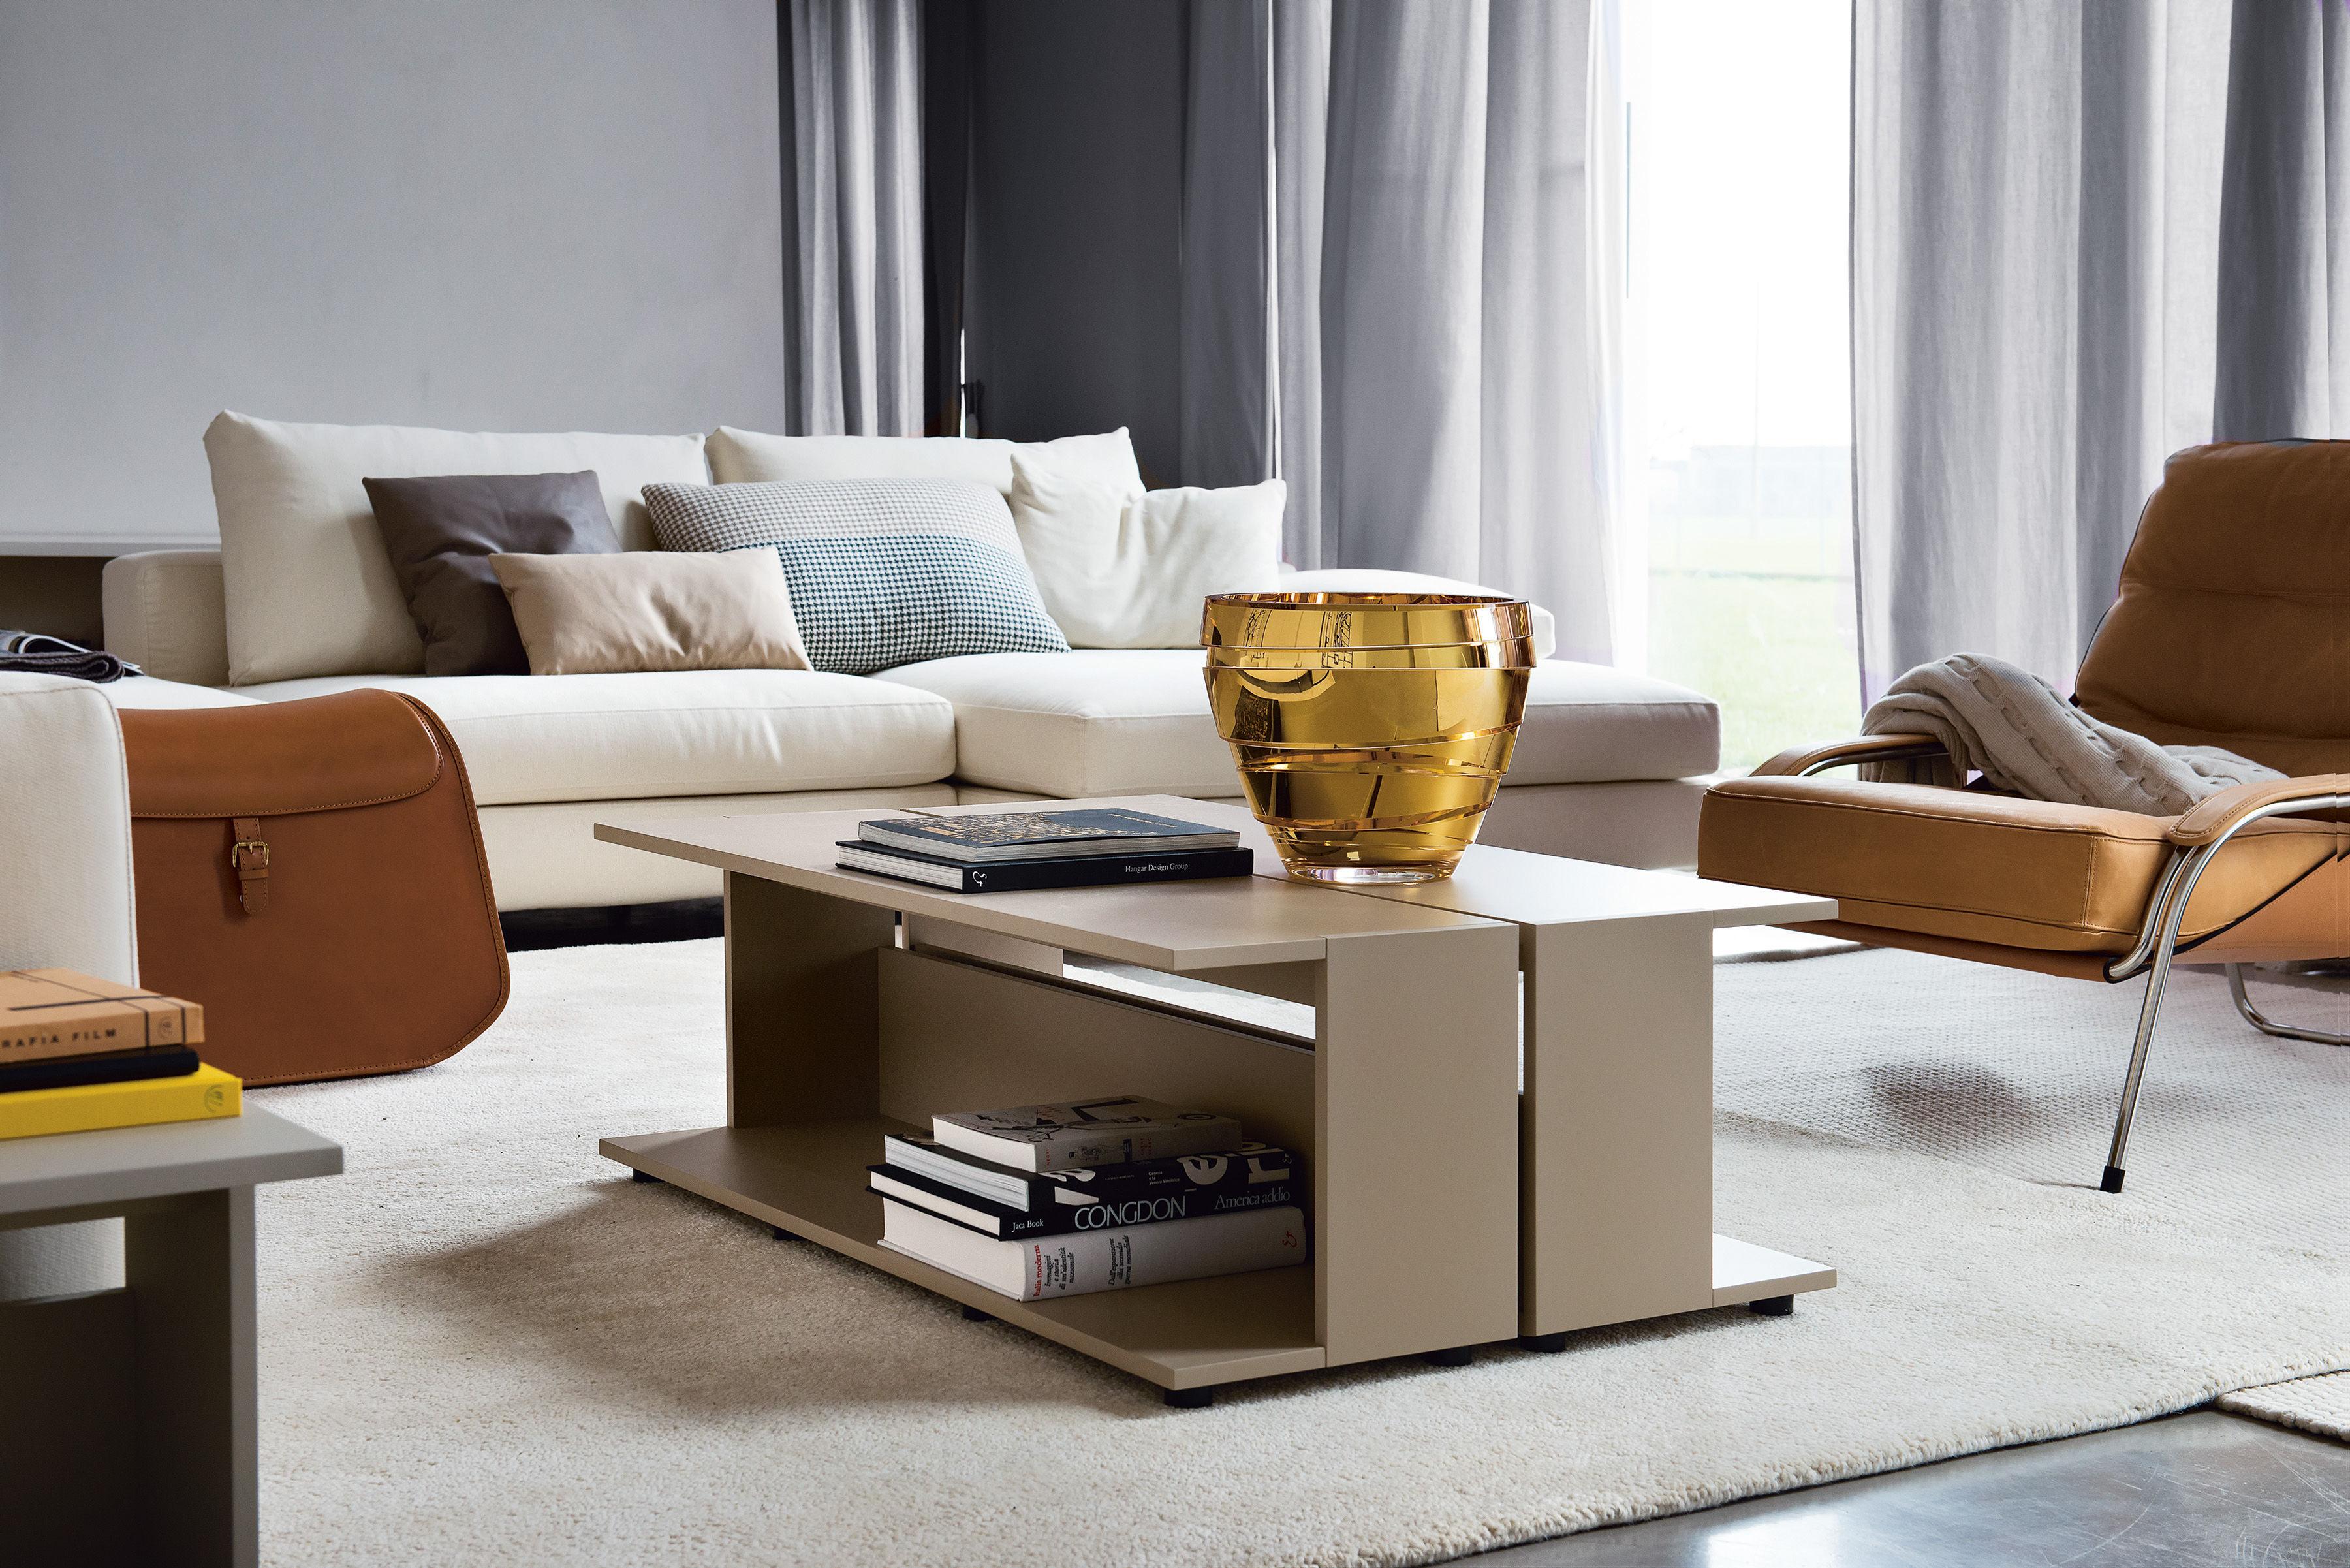 Nuno sgabello con contenitore marrone by zanotta made in design